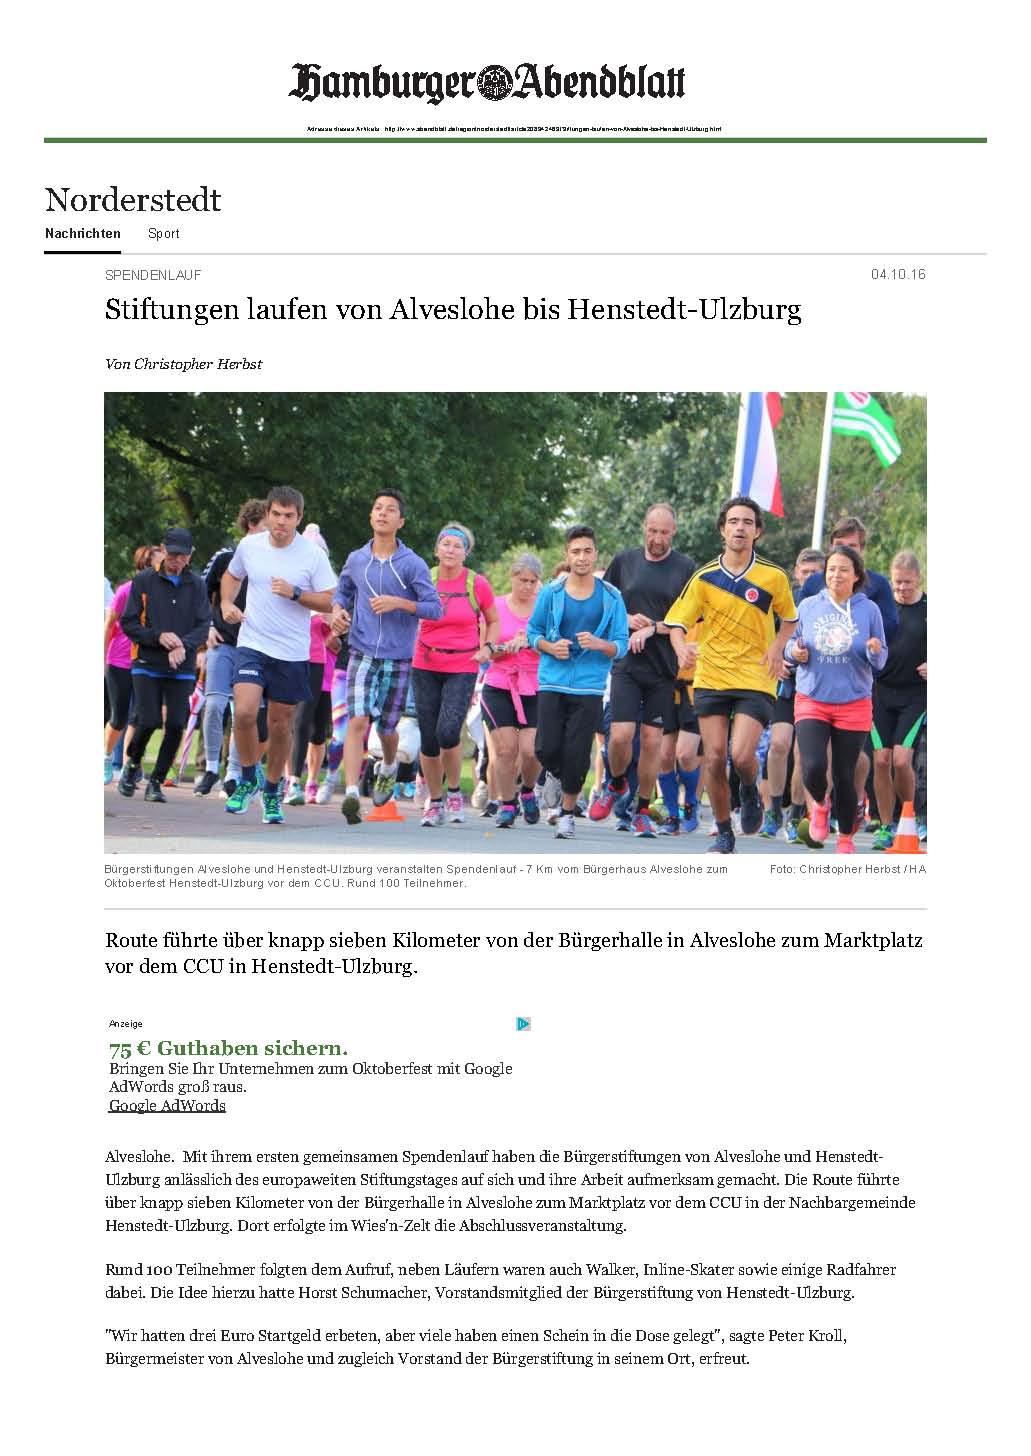 stiftungen-laufen-von-alveslohe-bis-henstedt-ulzburg-norderstedt-hamburger-abendblatt_seite_1